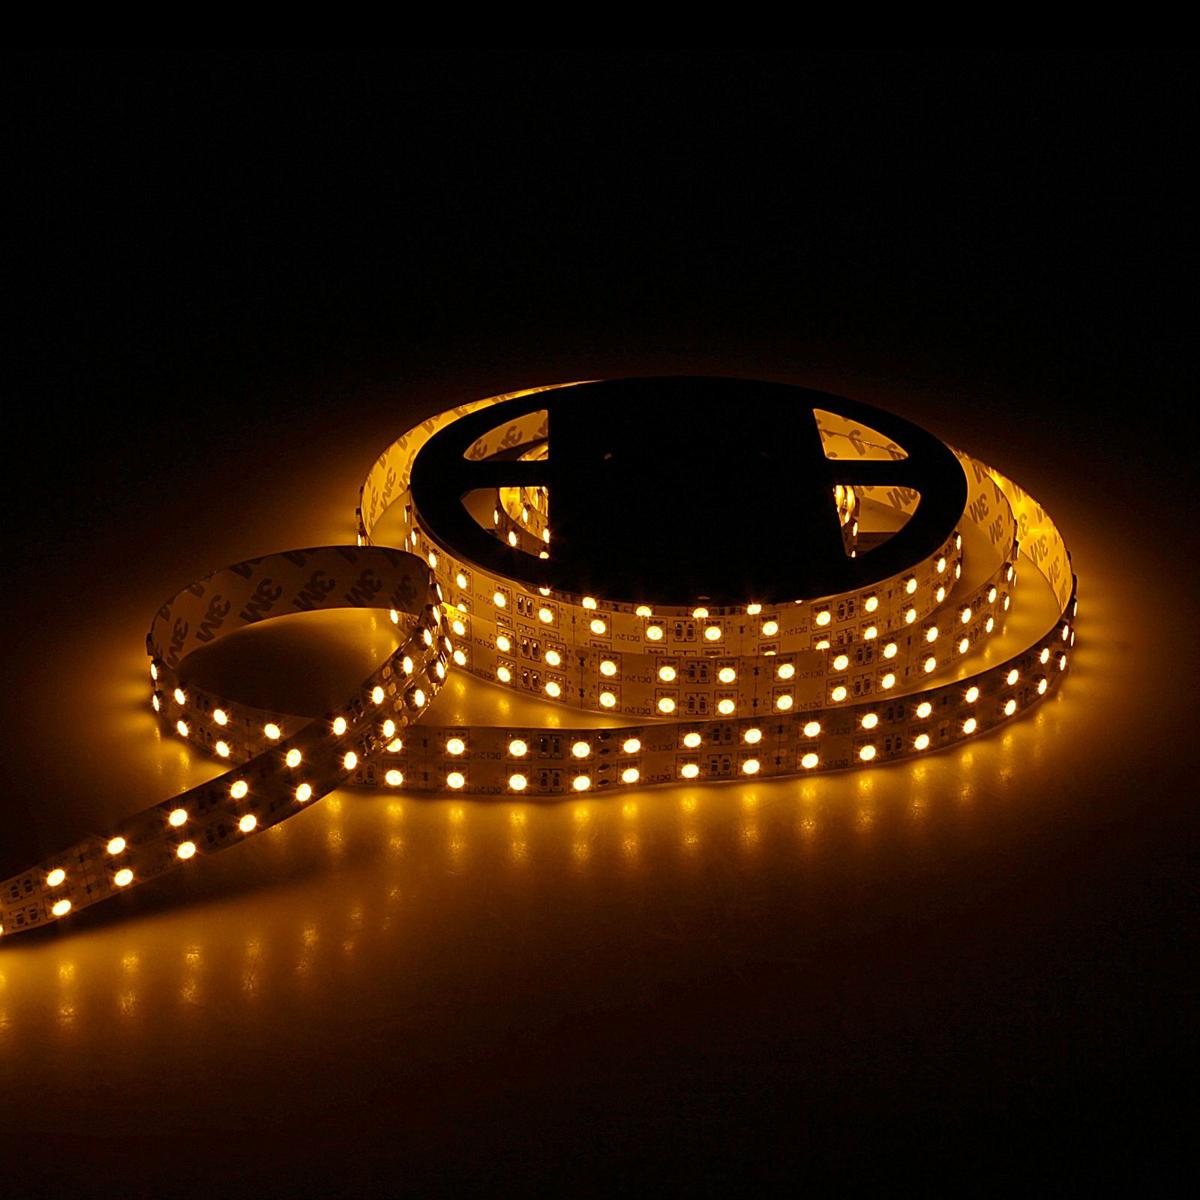 Светодиодная лента Sima-land, 12В, SMD5050, длина 5 м, IP33, 120 LED ламп, 28.8 Вт/м, 10-12 Лм/1 LED, DC, цвет: желтый848554Светодиодные гирлянды, ленты и т.д — это отличный вариант для новогоднего оформления интерьера или фасада. С их помощью помещение любого размера можно превратить в праздничный зал, а внешние элементы зданий, украшенные ими, мгновенно станут напоминать очертания сказочного дворца. Такие украшения создают ауру предвкушения чуда. Деревья, фасады, витрины, окна и арки будто специально созданы, чтобы вы украсили их светящимися нитями.